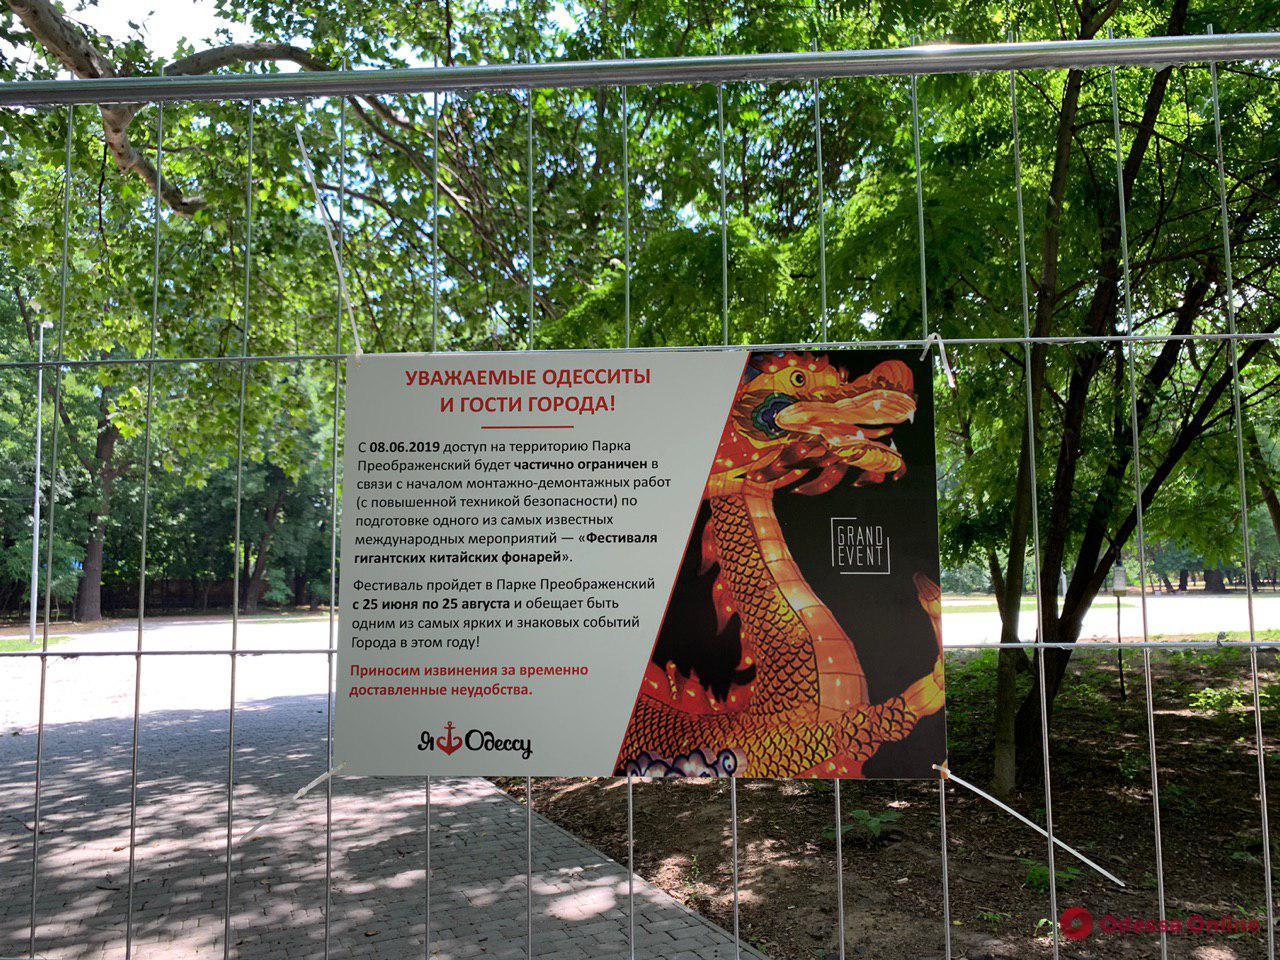 Часть Преображенского парка перекрыли из-за фестиваля – вход будет платным только поздним вечером